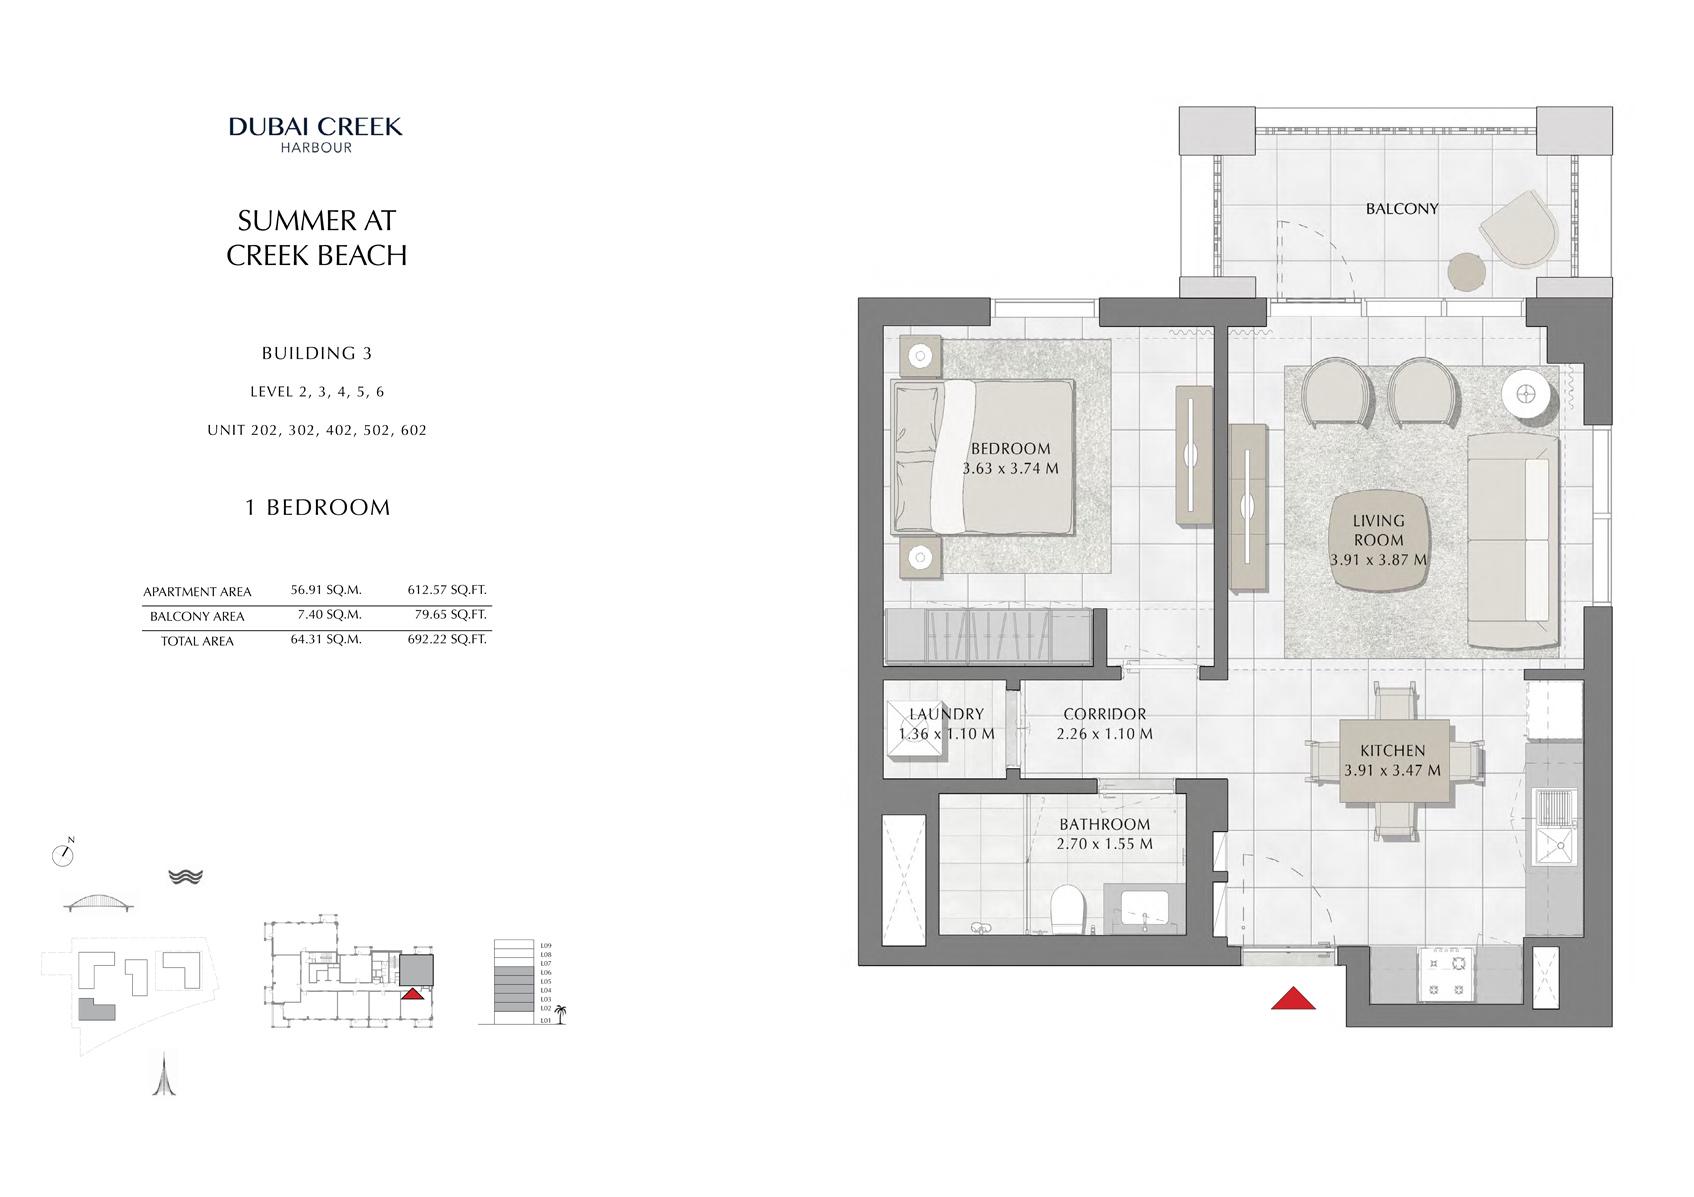 1 Br Building 3 Level-2-3-4-5-6 Unit-202-302-402-502-602, Size 692 Sq Ft